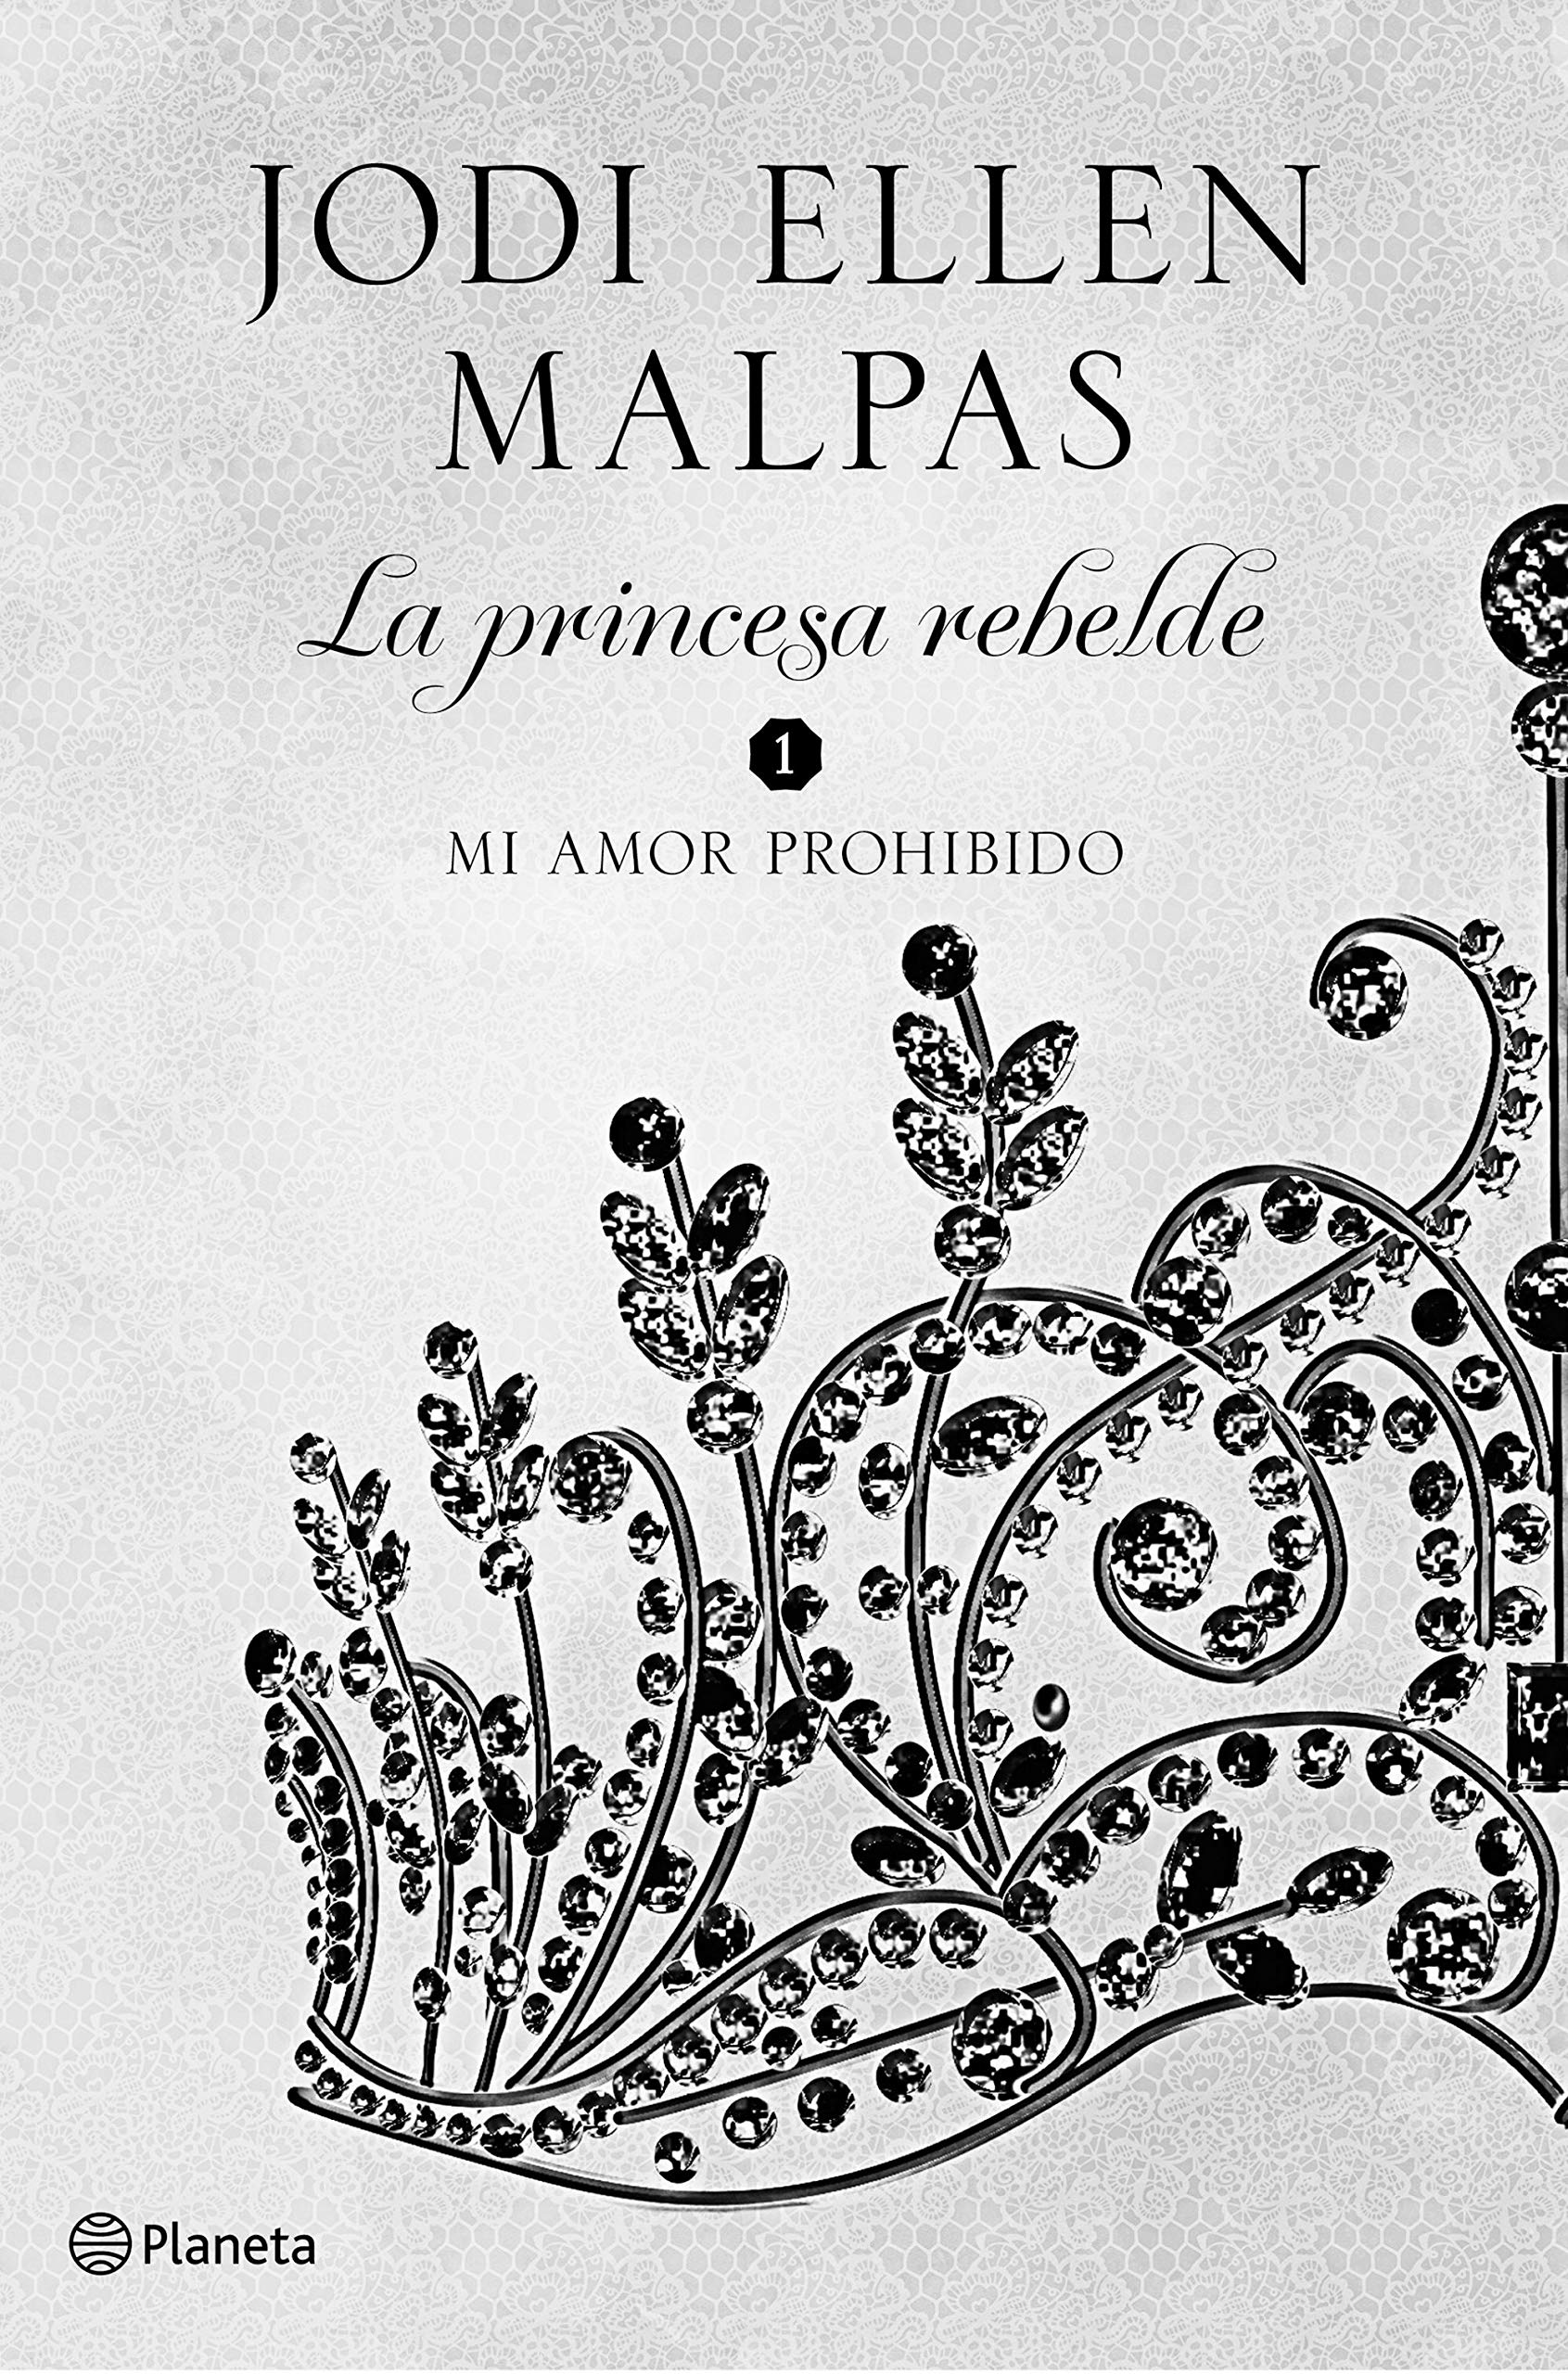 Mi Amor Prohibido Jodi Ellen Malpas 9788408206743 Amazon Com Books